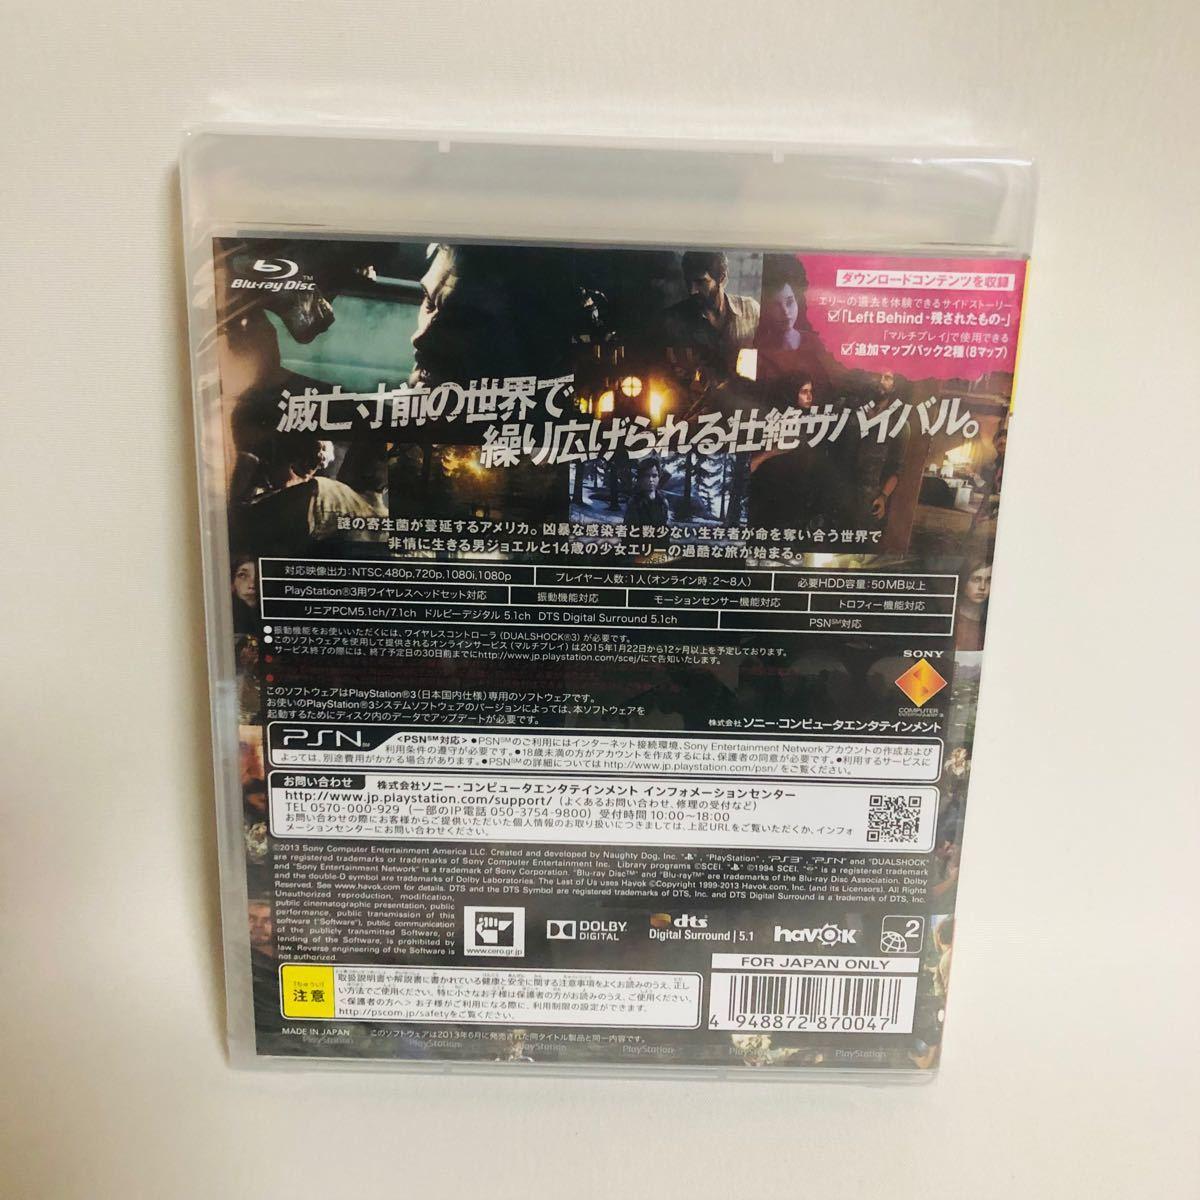 【新品未開封】 PS3 PS3ソフト PlayStation3 the Best THE LAST OF US ラストオブアス